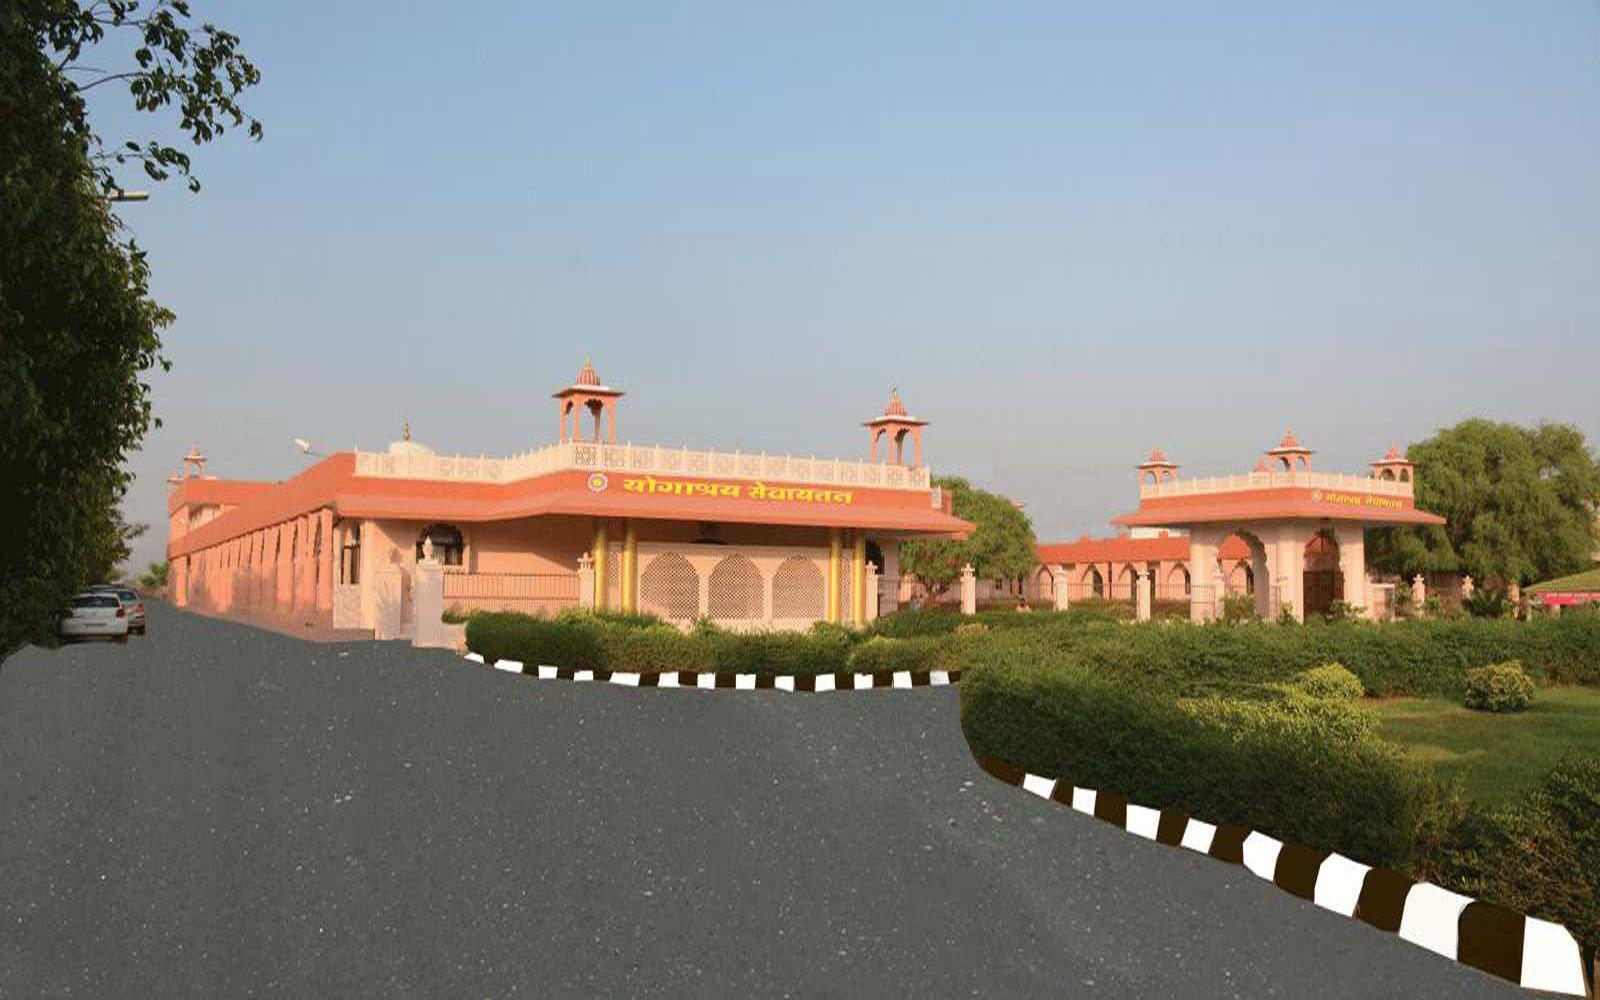 Yogashray Sewayatan Hospital